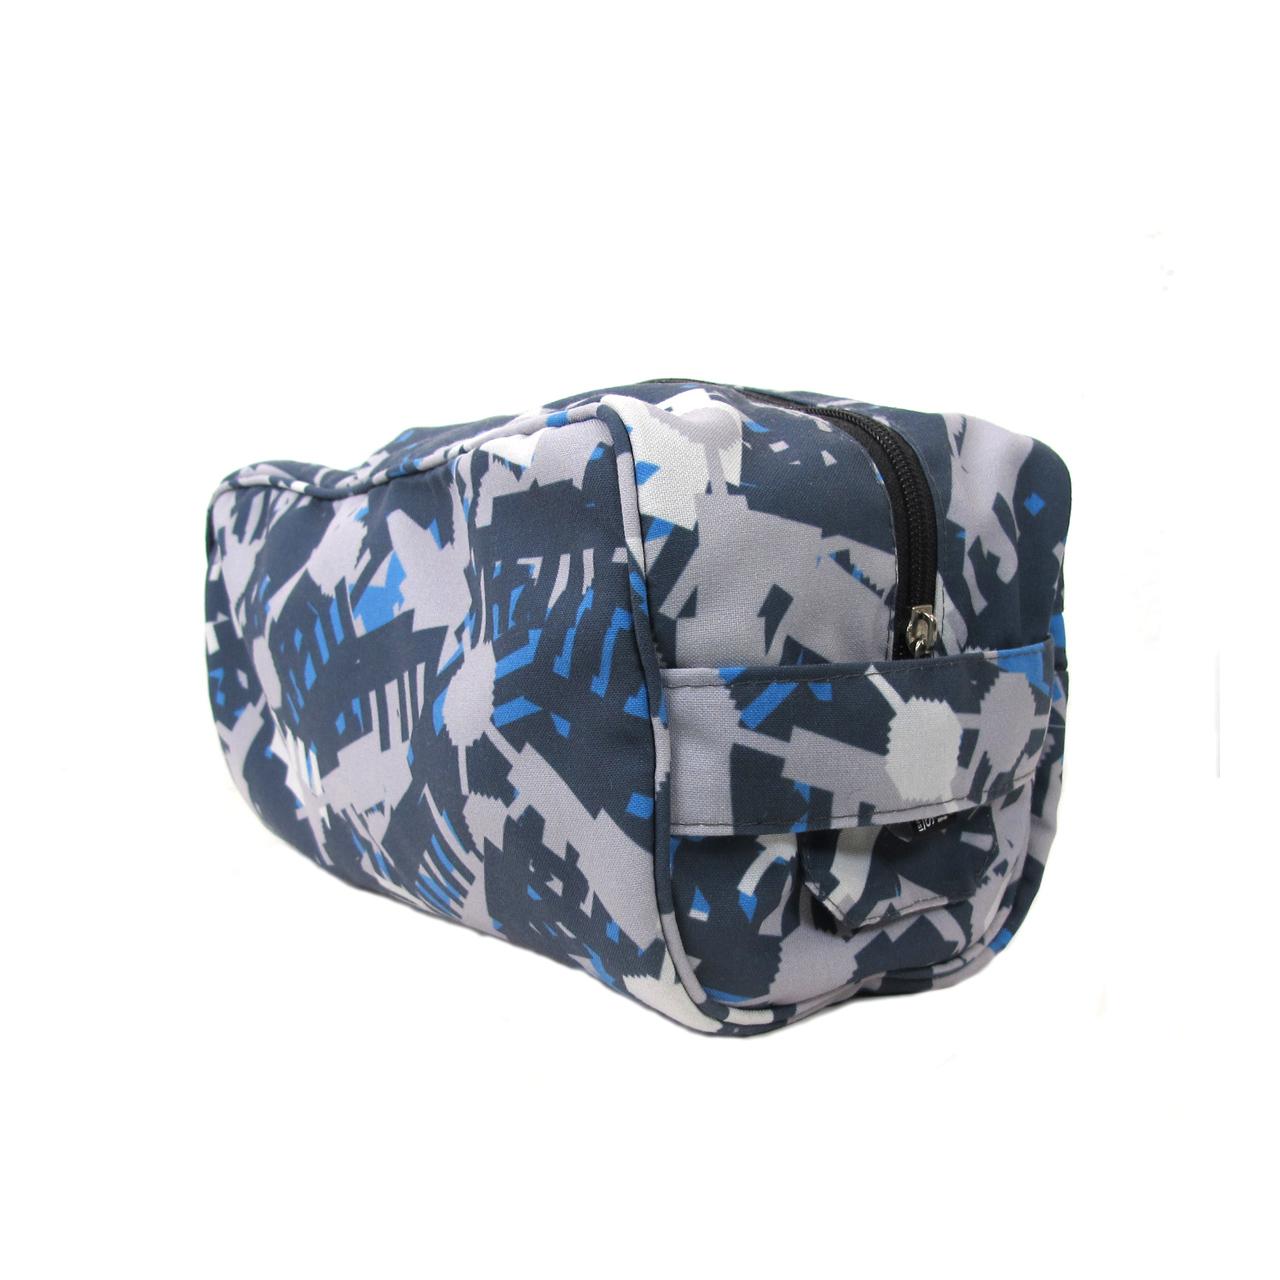 Kulturbeutel Camouflage grau/blau